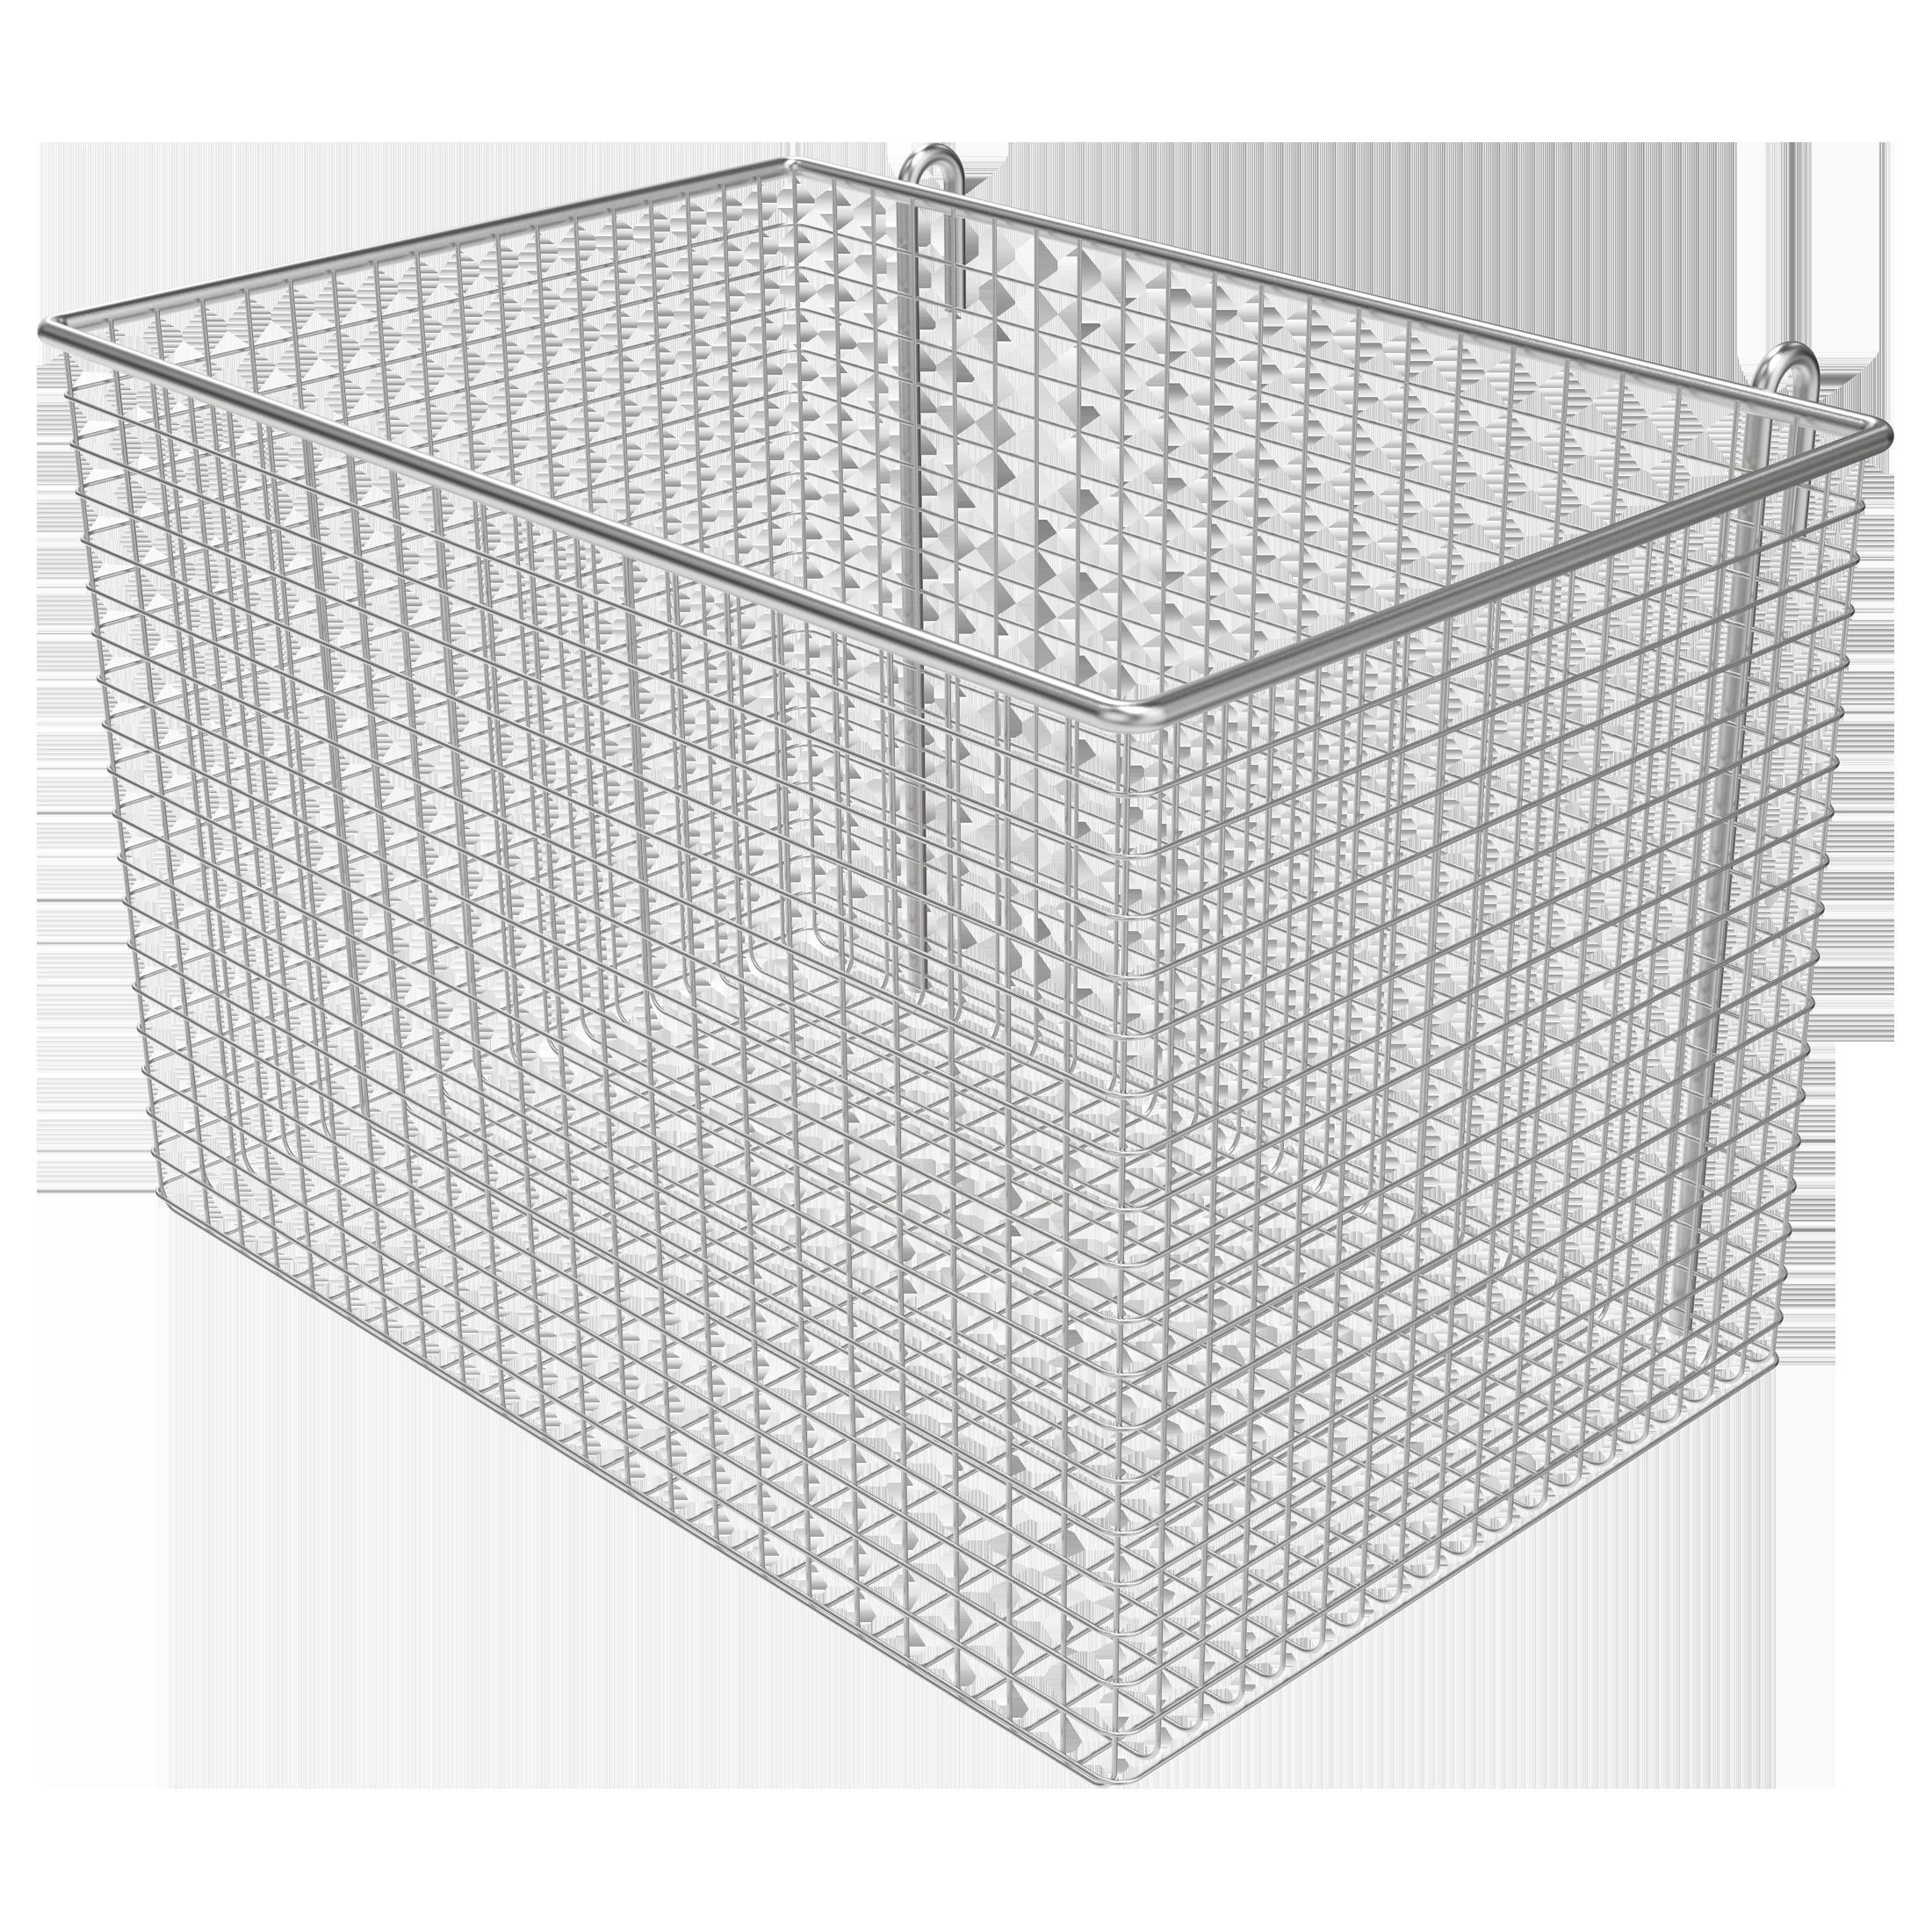 Ablagekorb 300 x 200 x 200 mm, feinmaschig